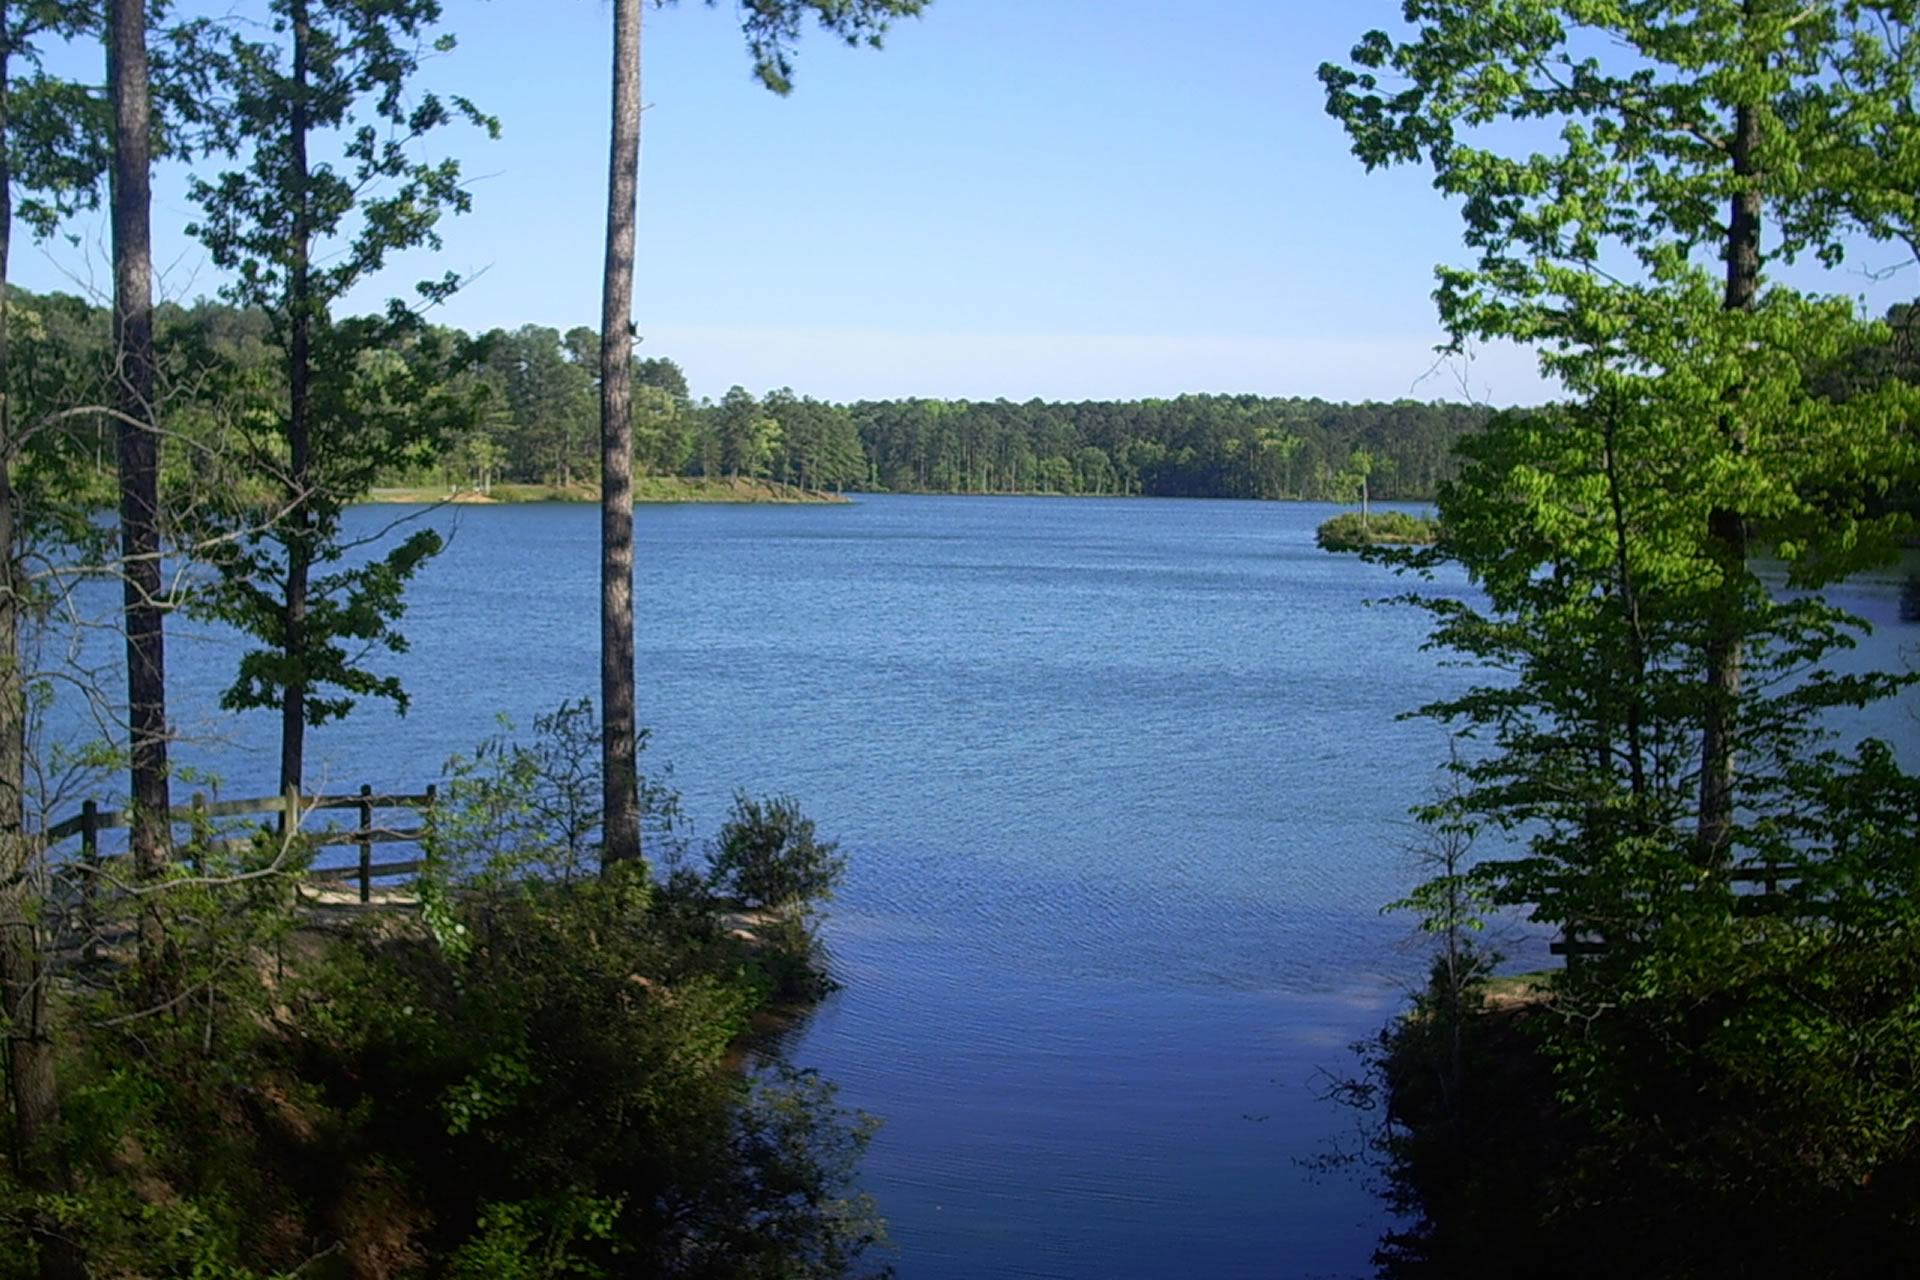 Toomsuba, Mississippi Campground | Meridian East / Toomsuba KOA